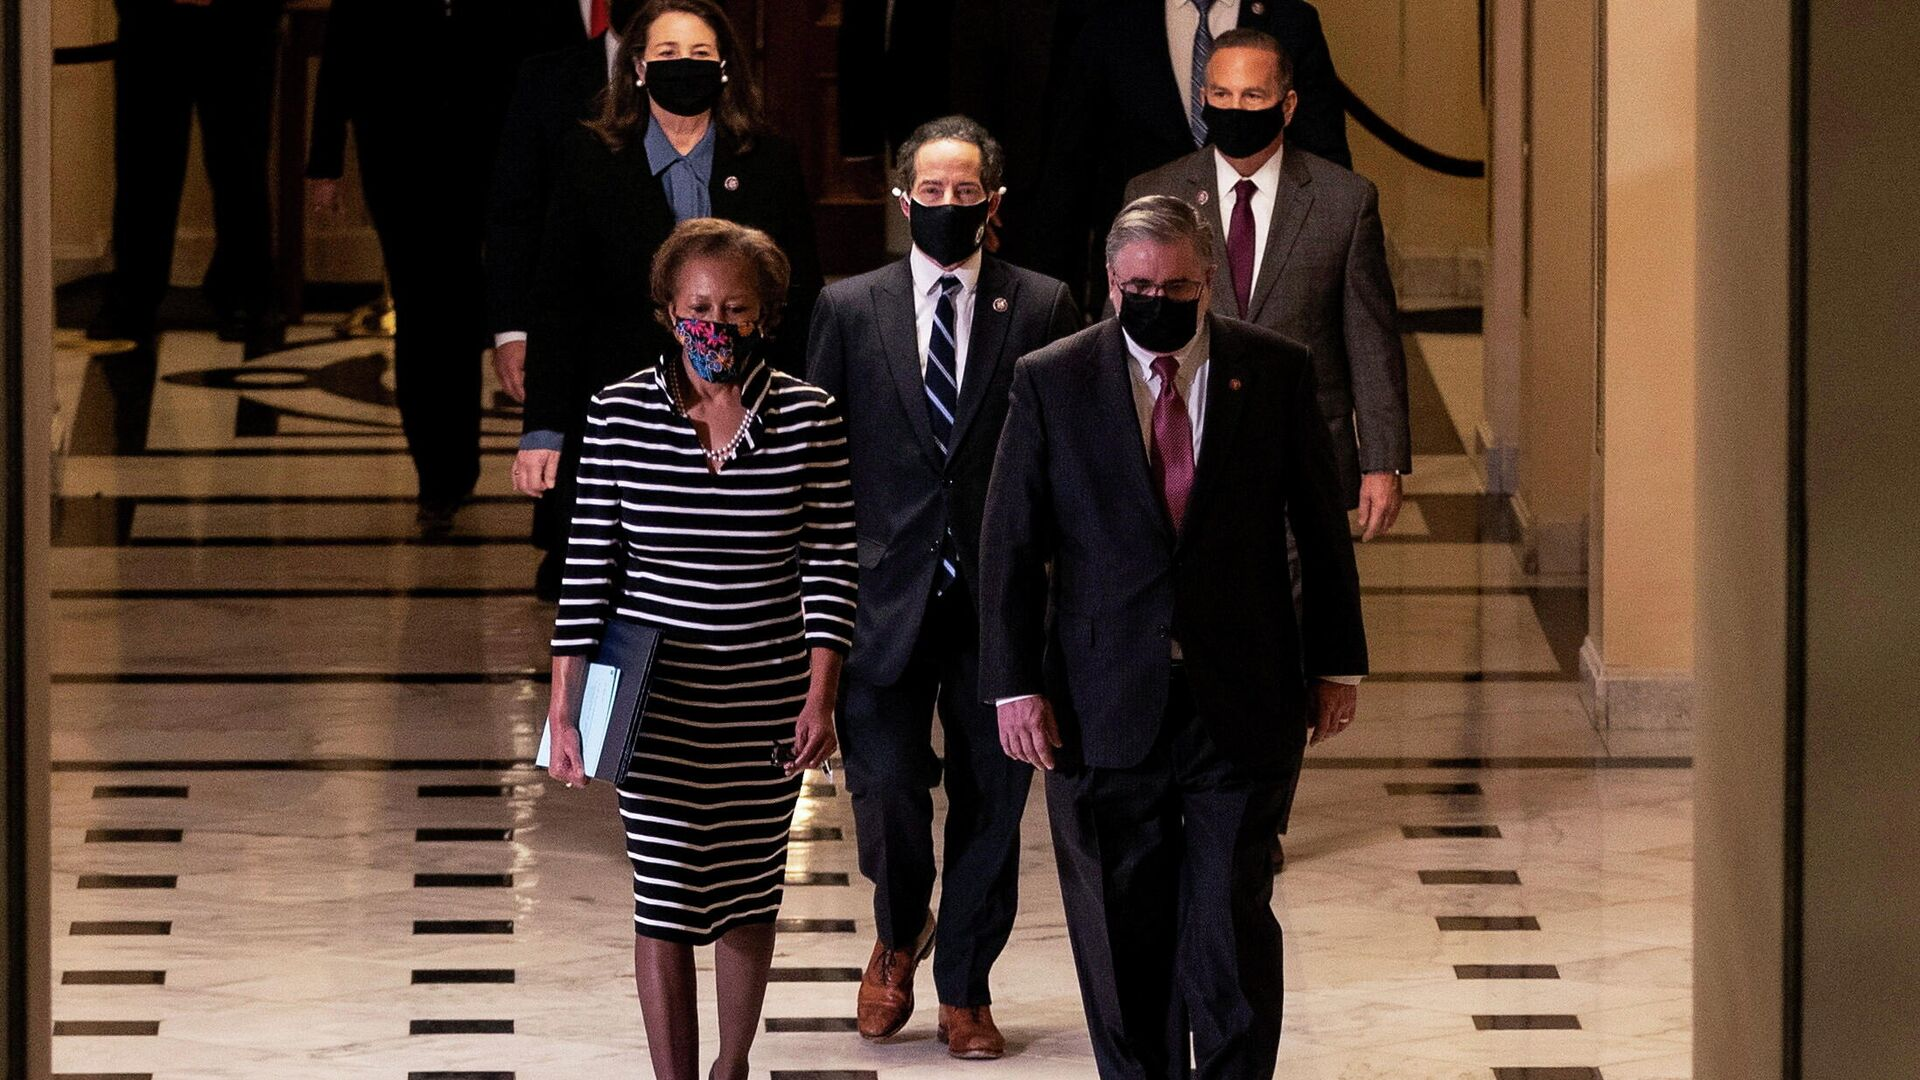 Секретарь Палаты представителей США Шерил Джонсон вместе с группой ответственных за подготовку положения об импичменте, передают его в Сенат США  - РИА Новости, 1920, 10.02.2021